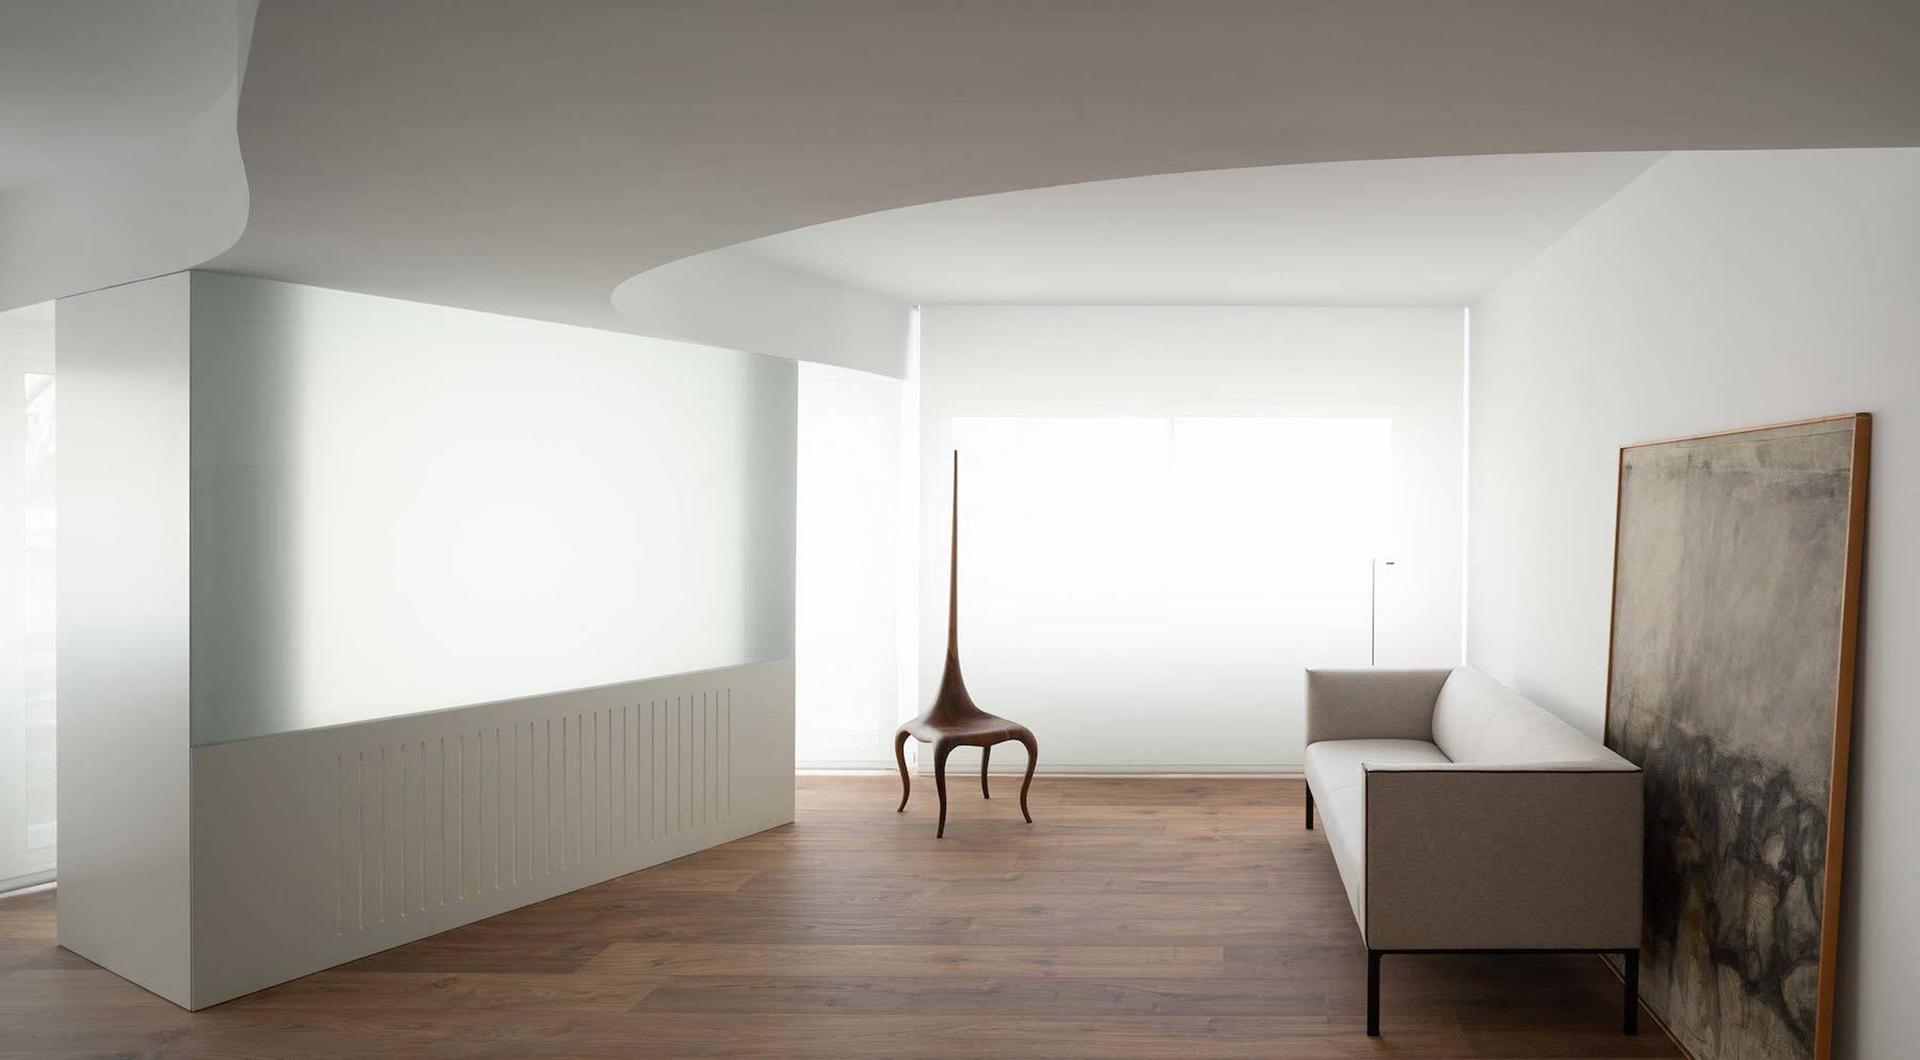 Абстрактный минимализм в проекте Balzar Arquitectos